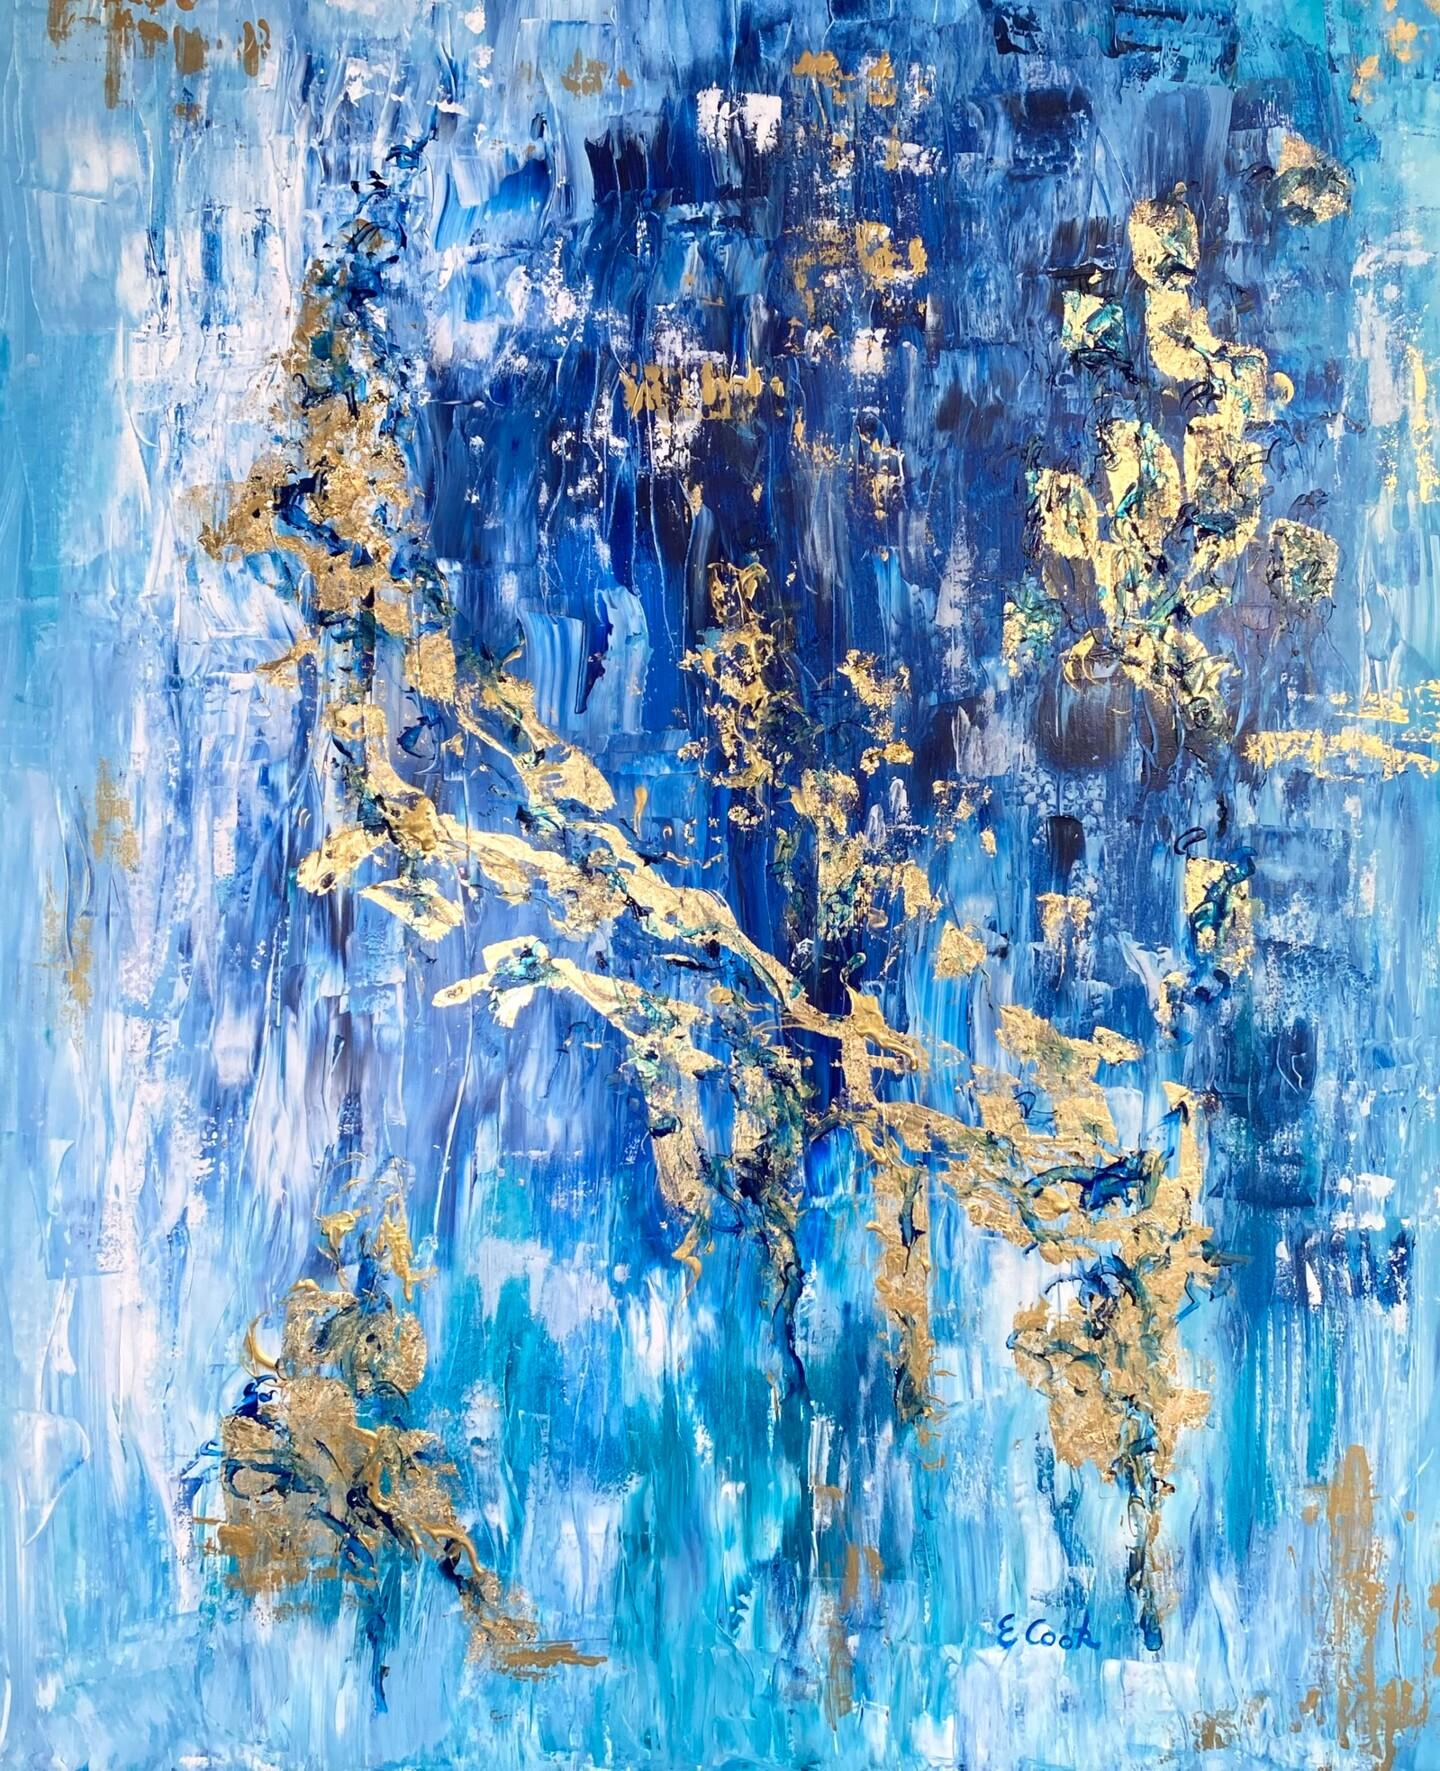 Elisa Cook - Gold Slivers on Blue Hues